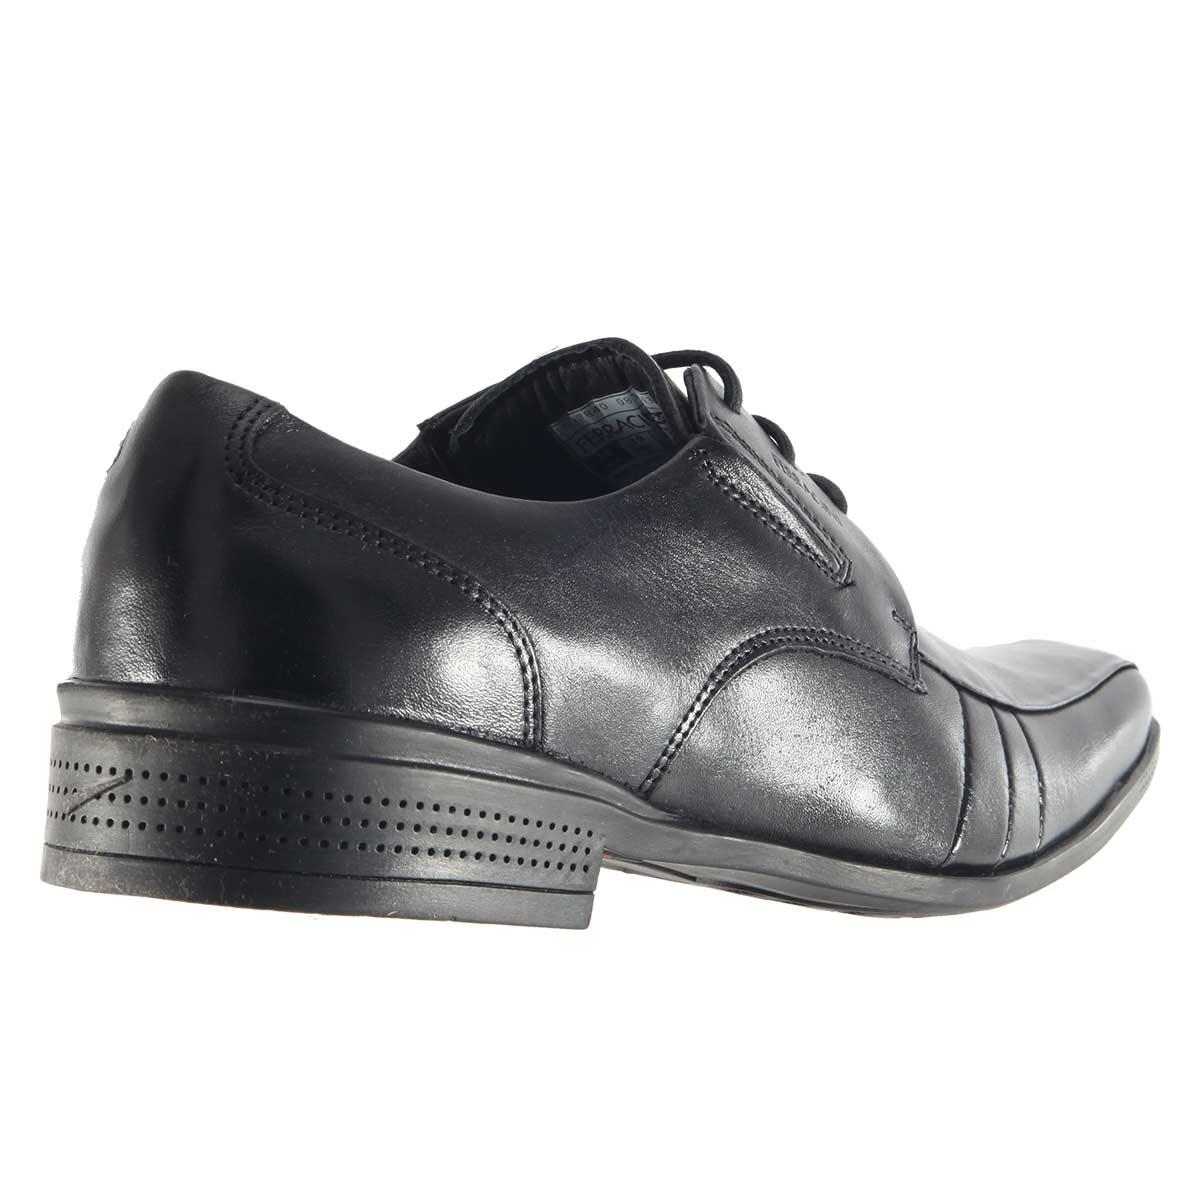 Sapato Ferracini Frankfurt Cadarço Couro 4348-223